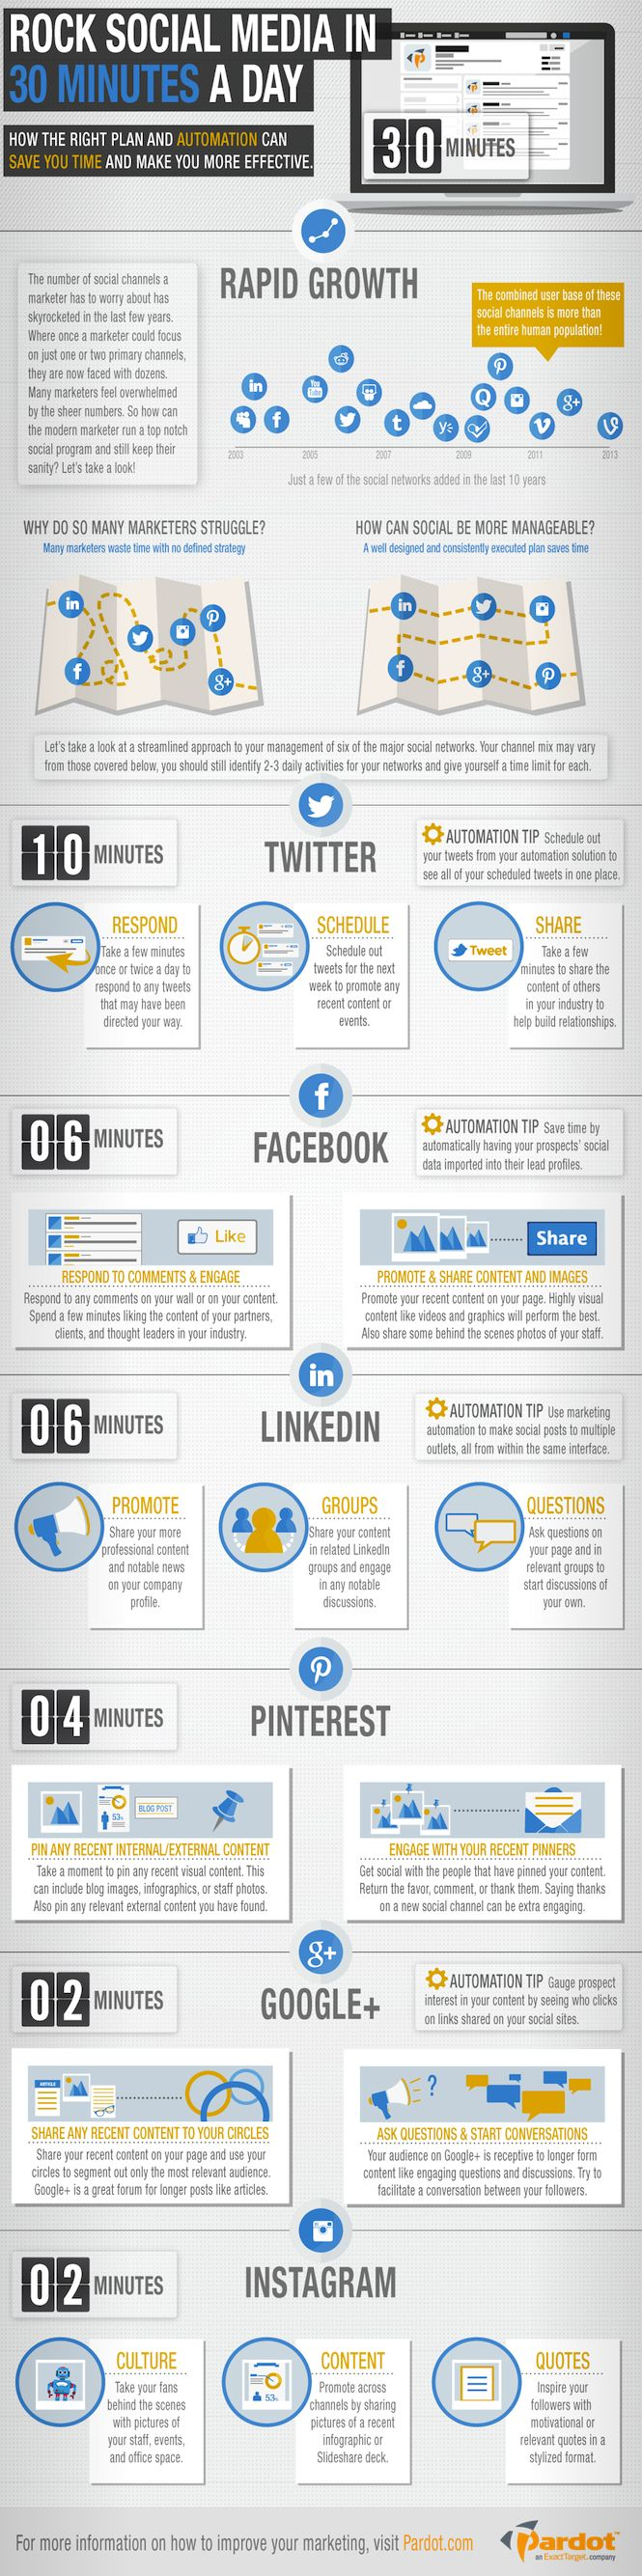 http://www.webinfermento.it/gestire-i-social-media-in-soli-30-minuti-al-giorno-infografica/